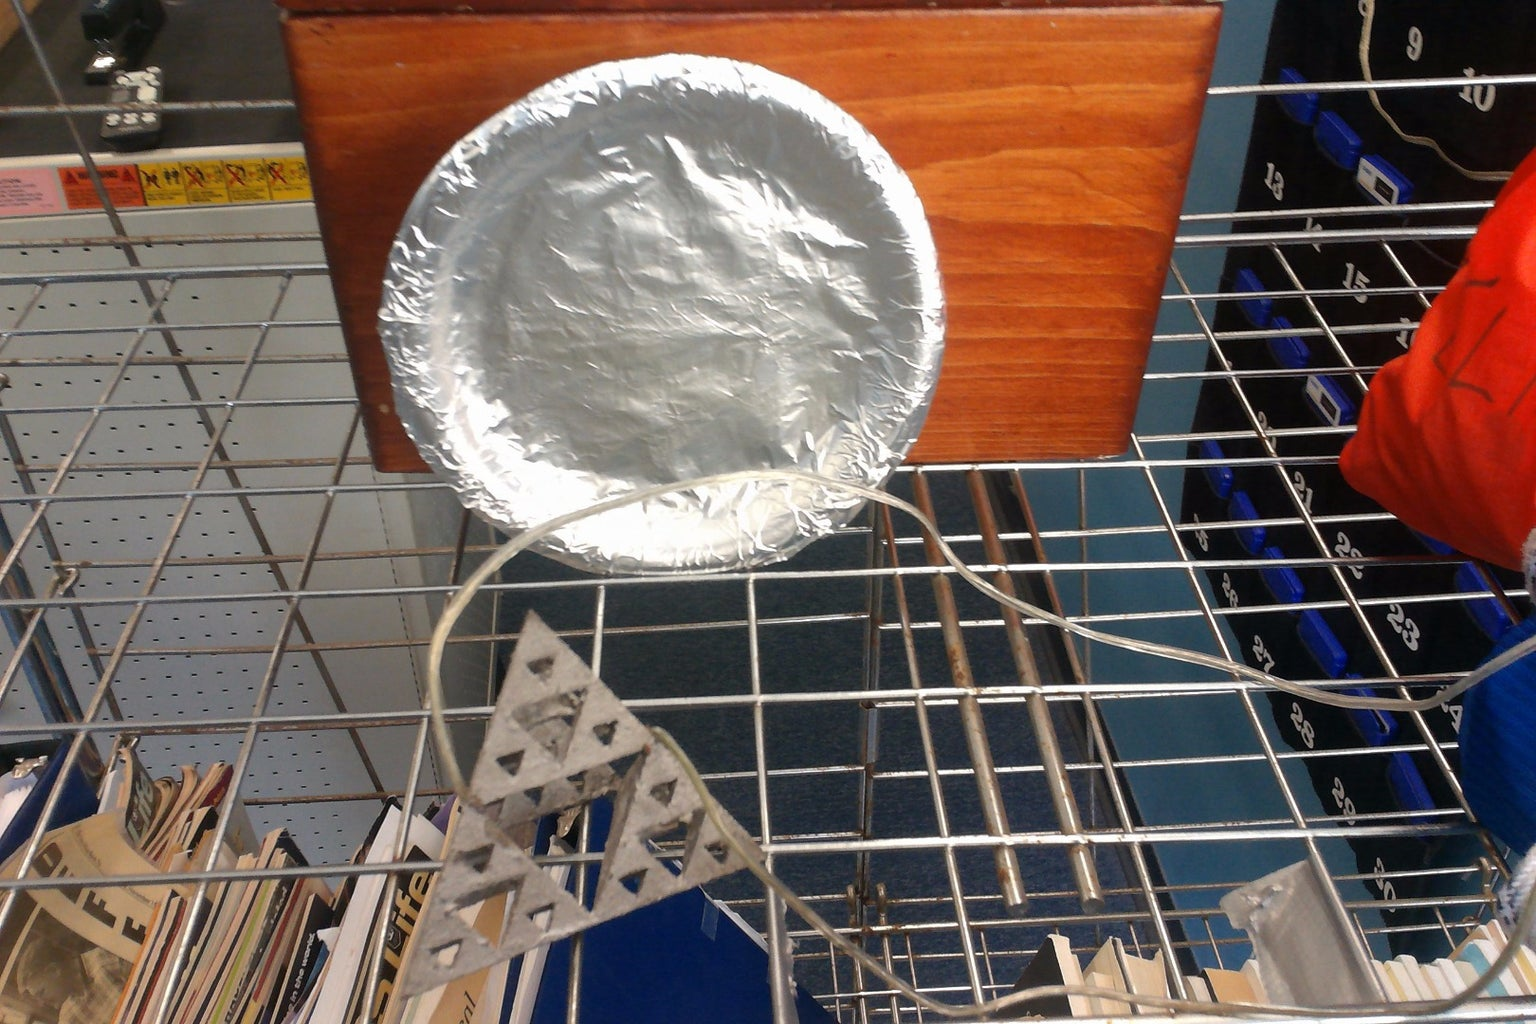 Make an Easy DIY Parabolic Reflector